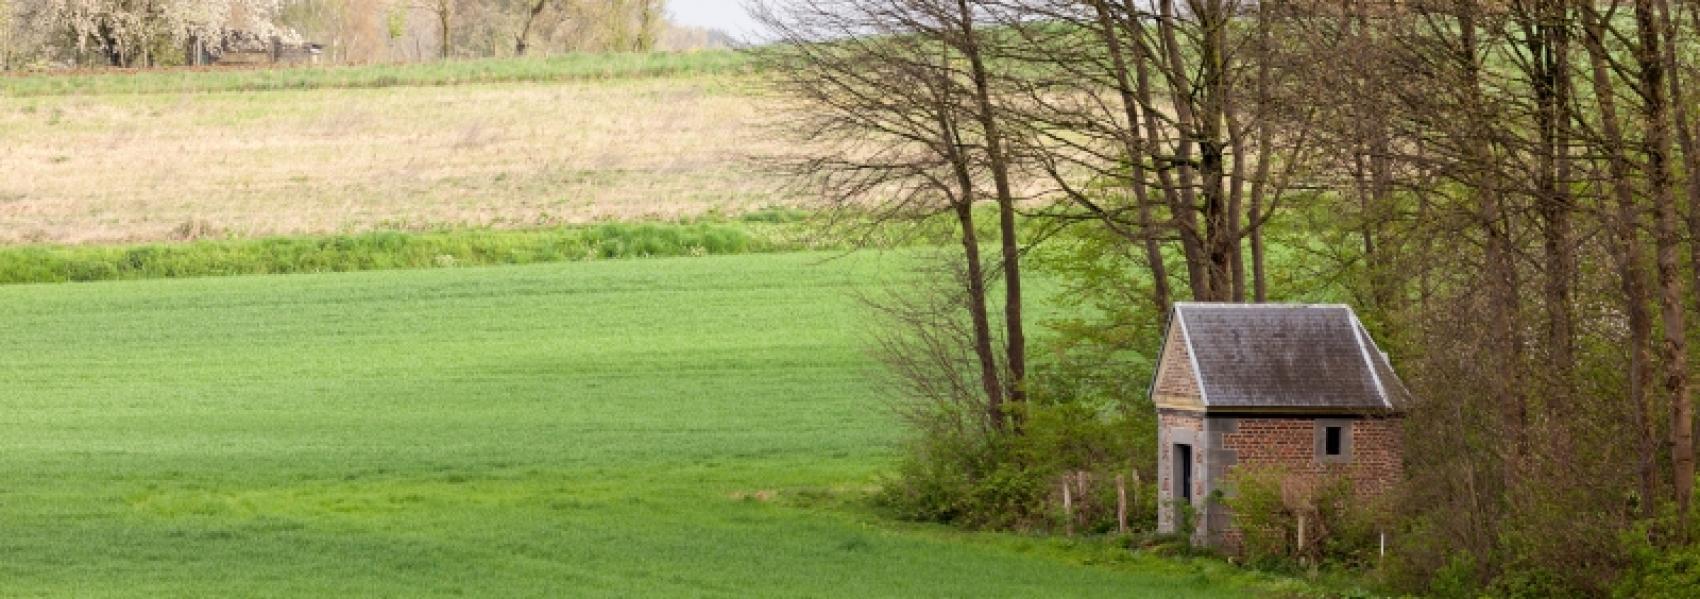 huisje in het landschap